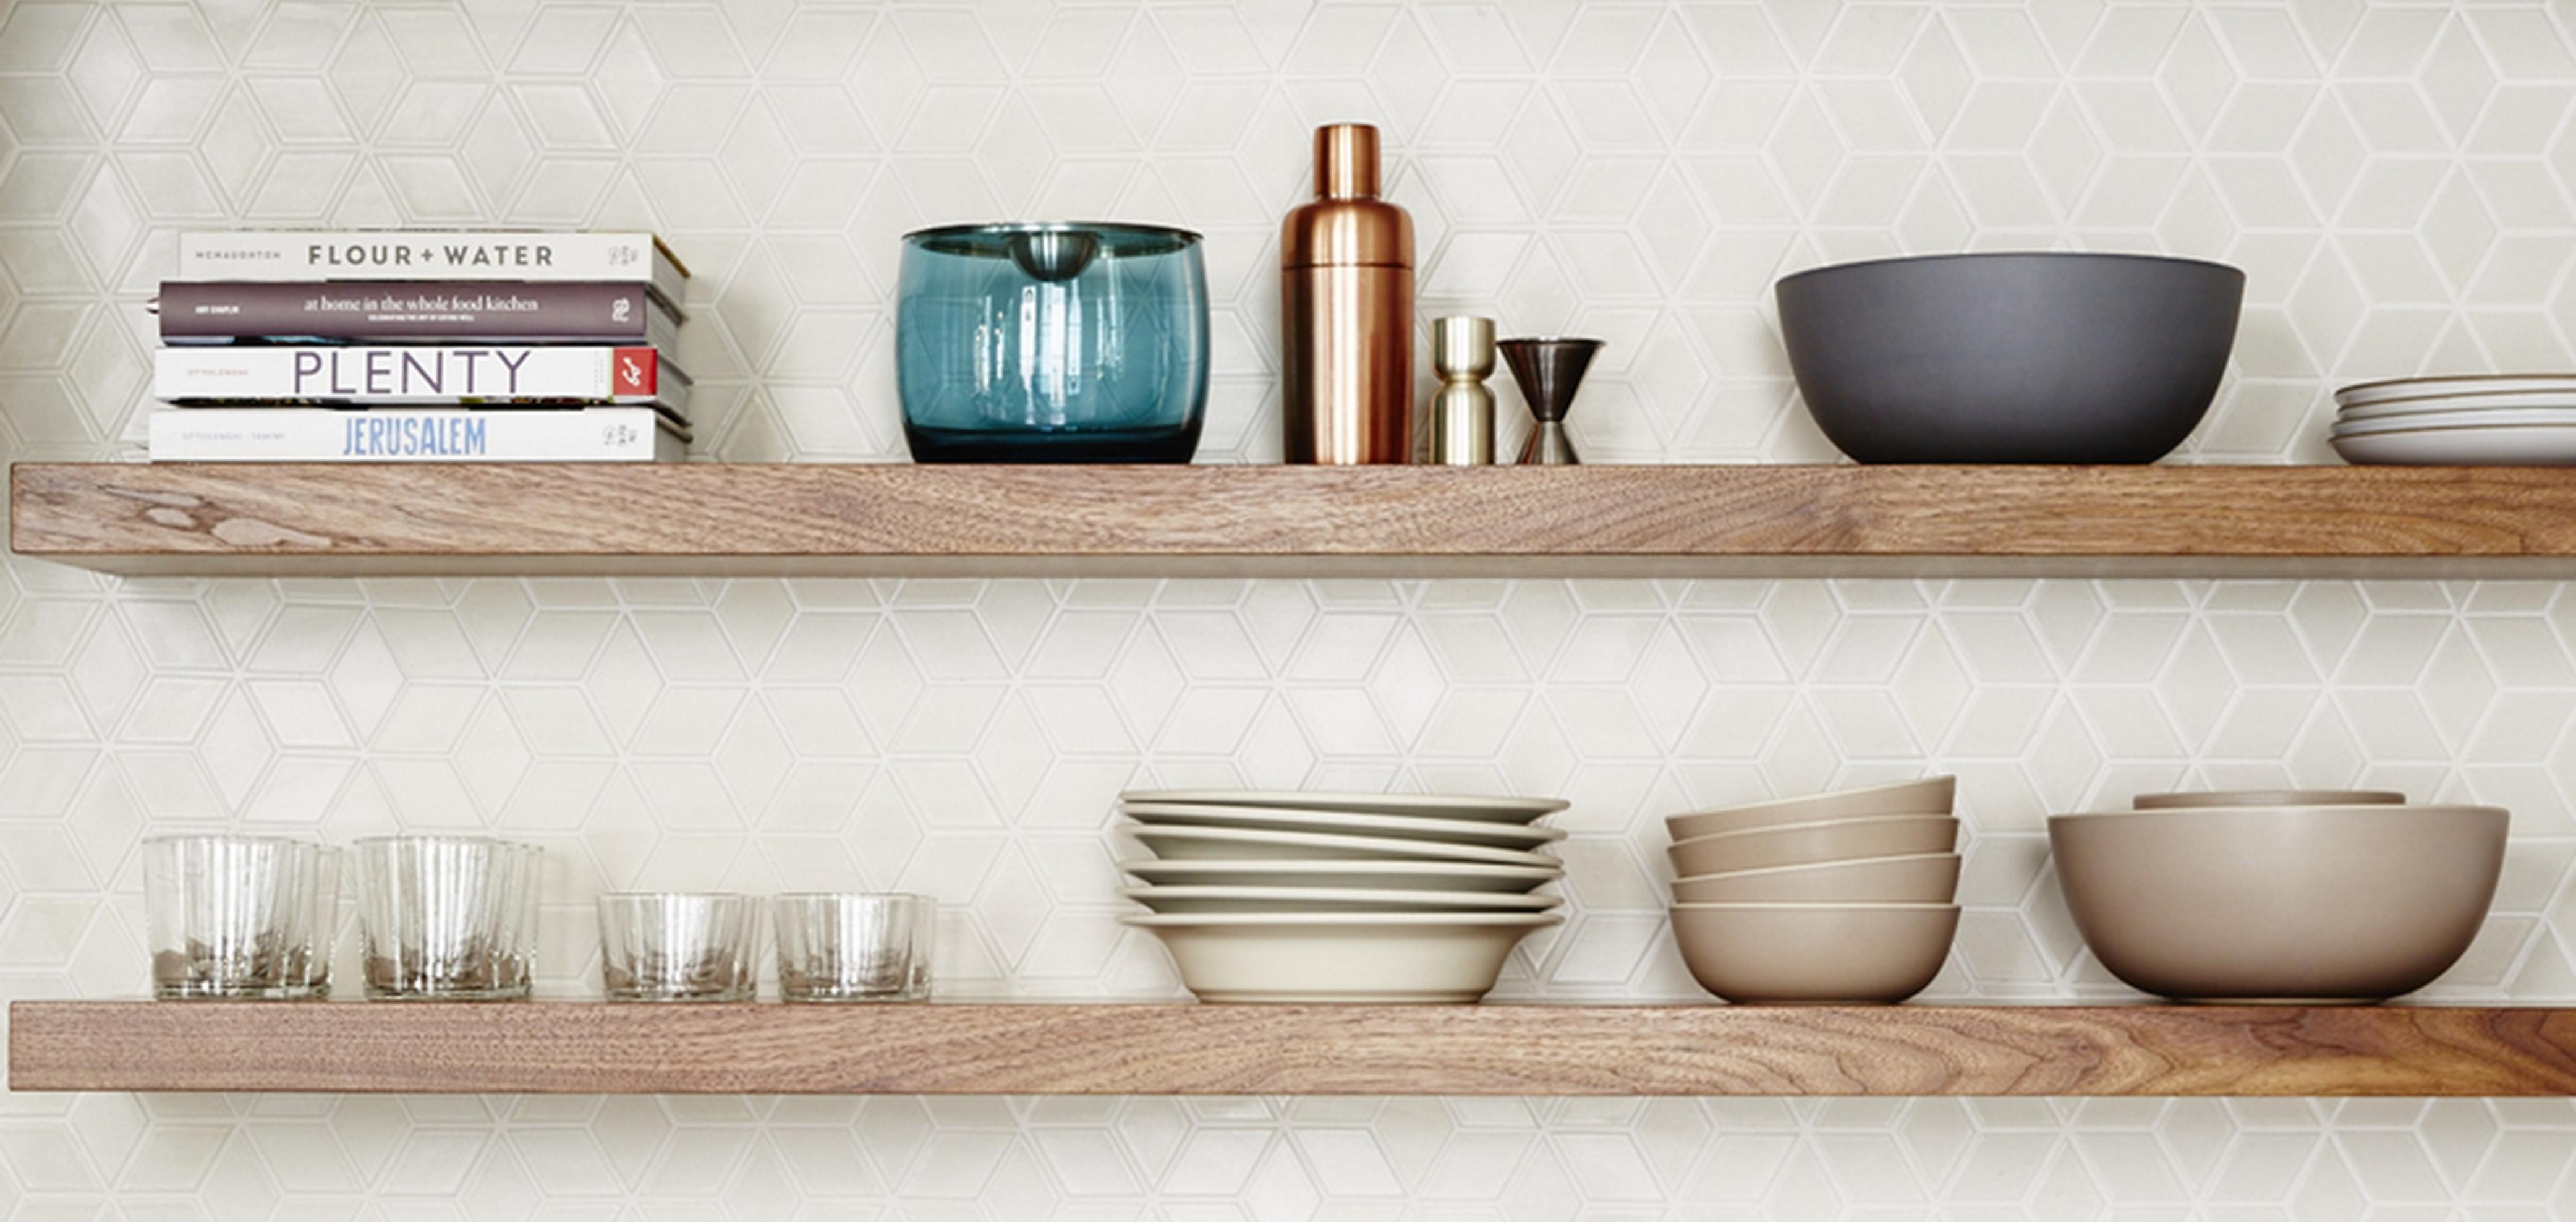 Café Trends to Inspire Your Home